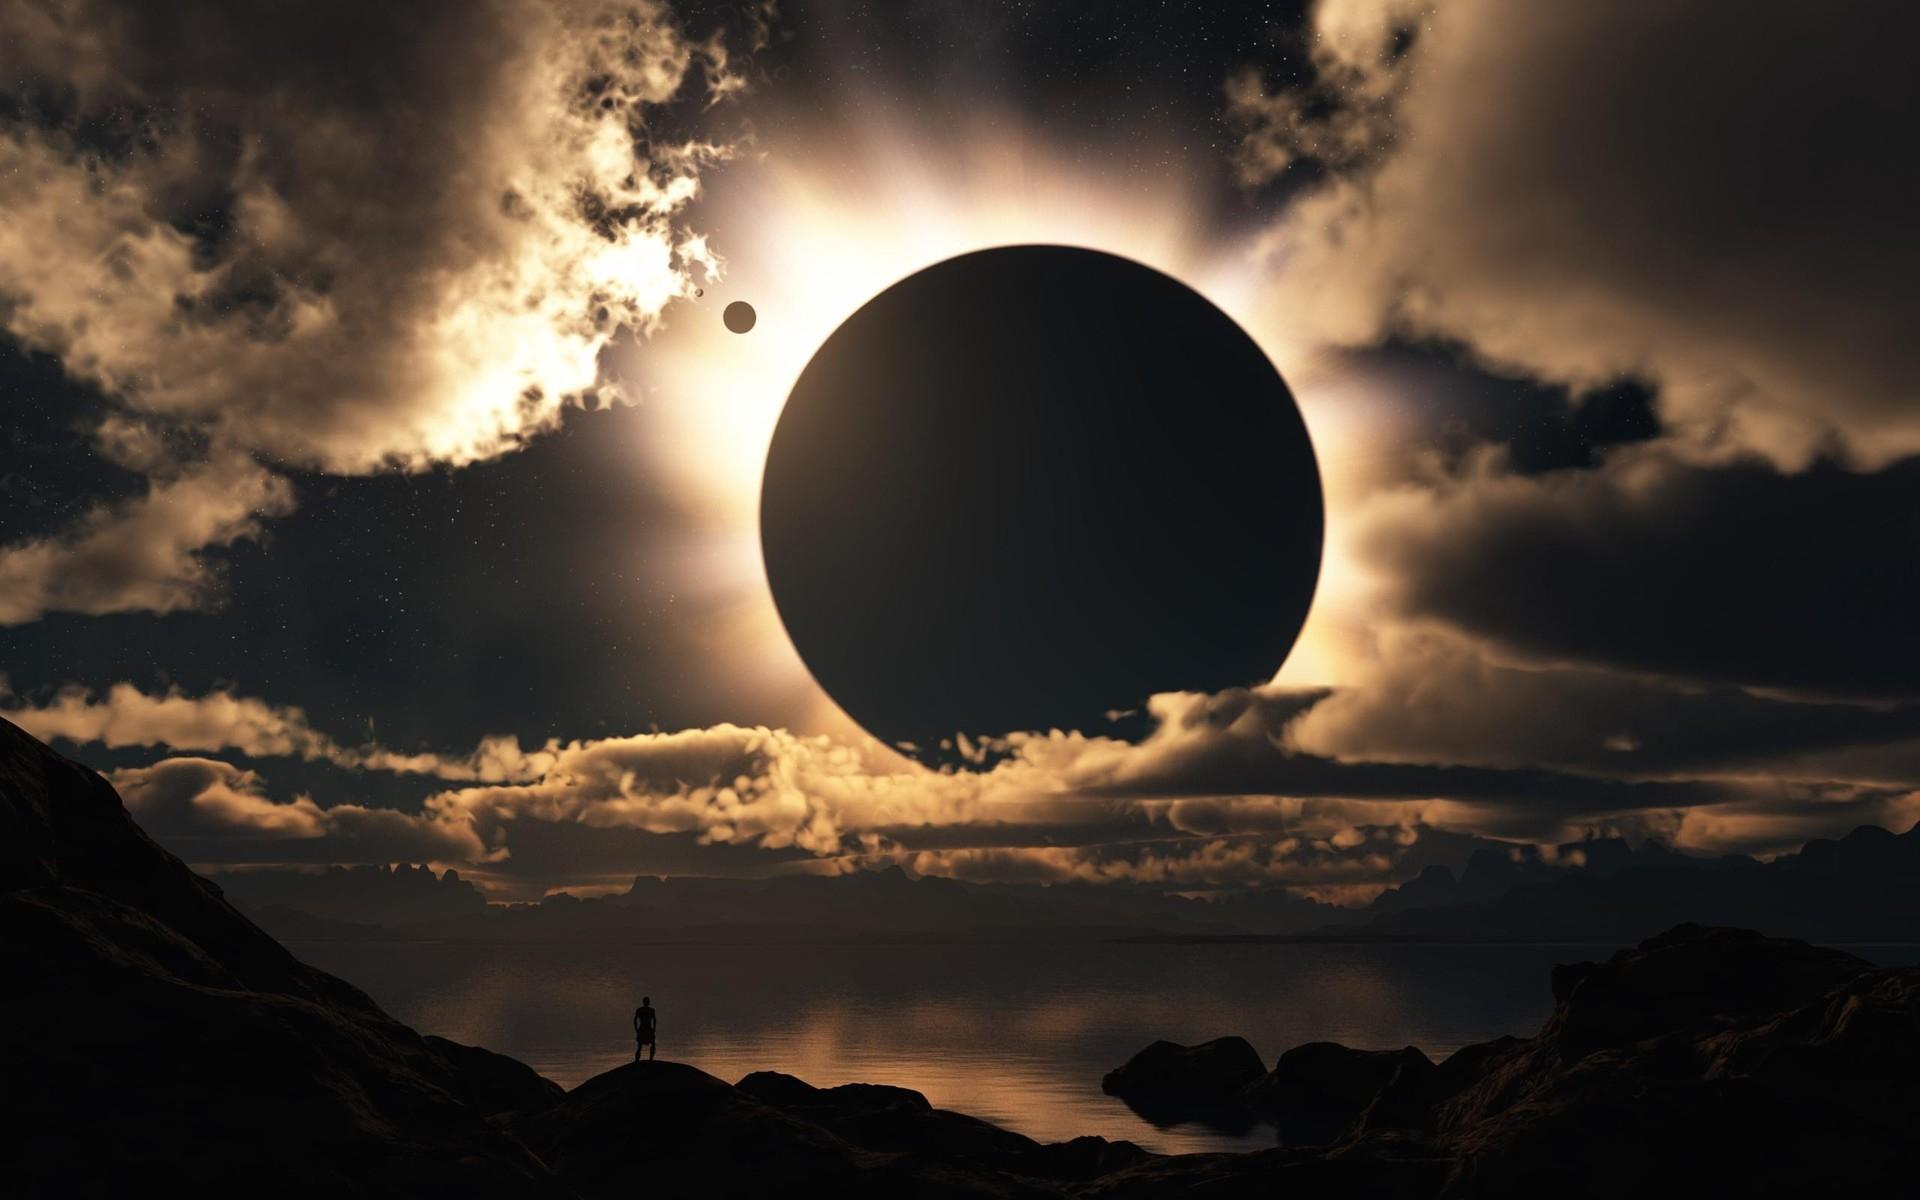 картинки солнечного затмения и лунного света